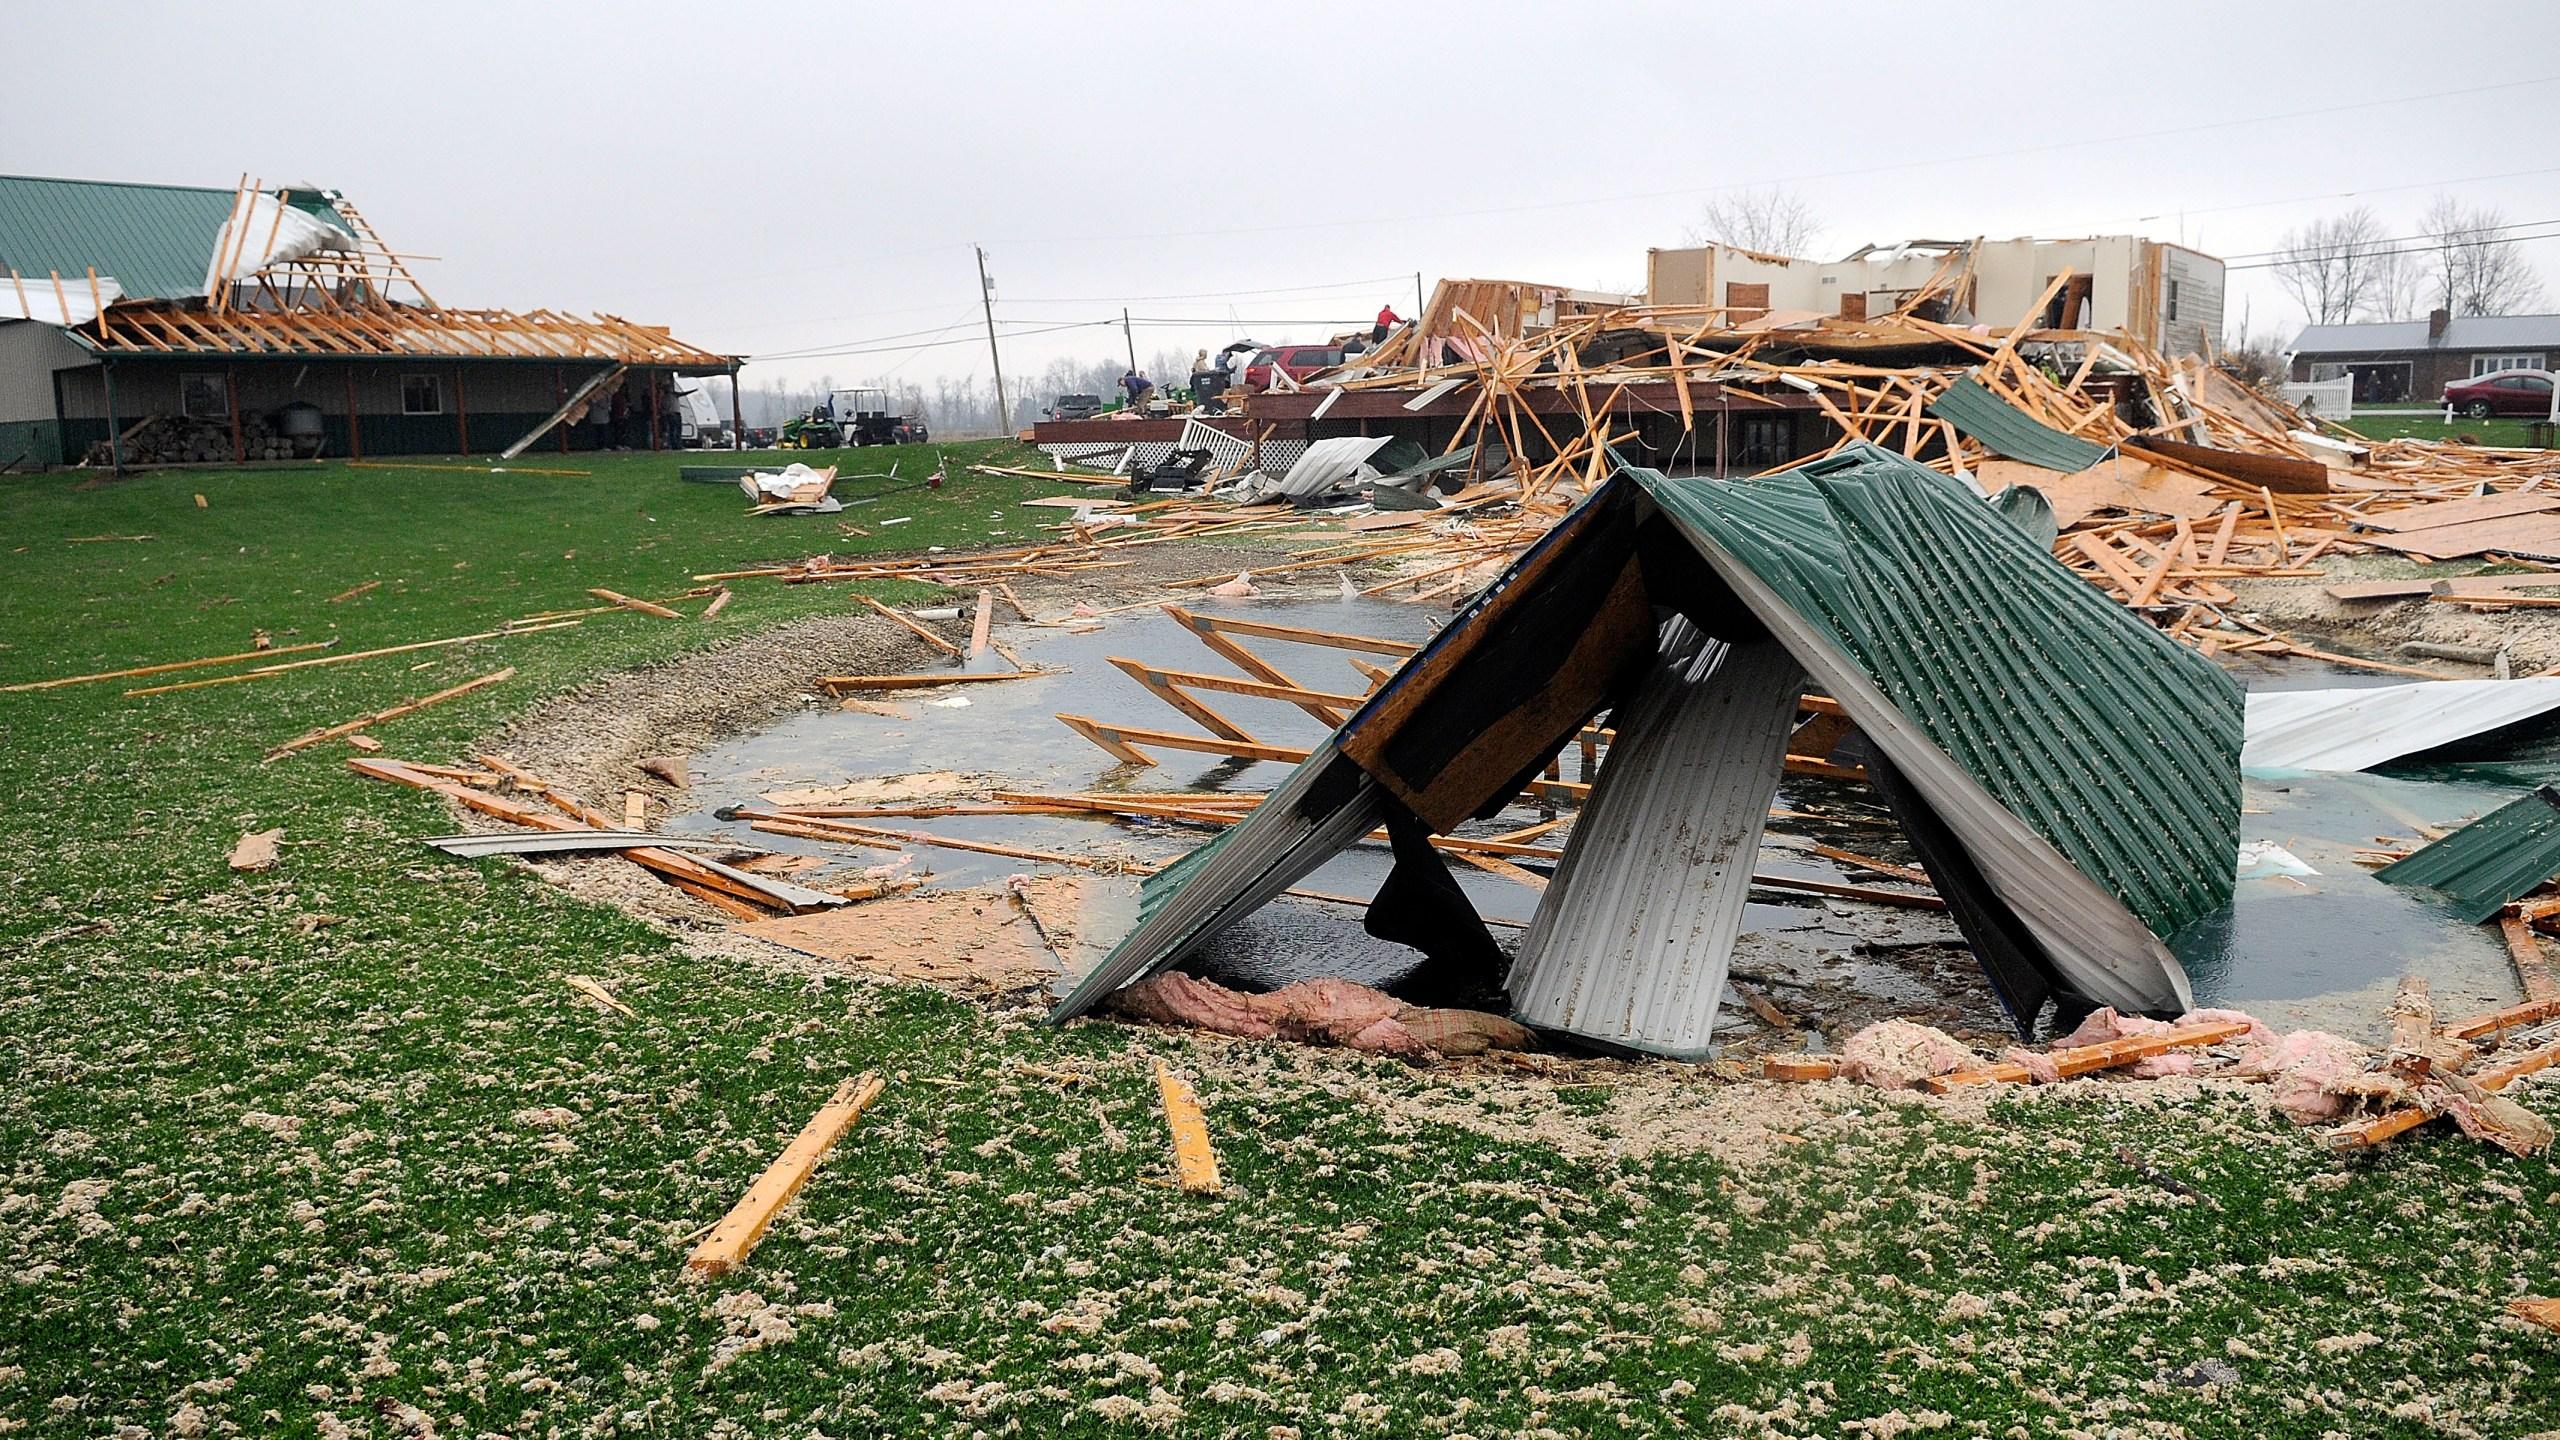 Severe_Weather_Ohio_42126-159532.jpg15467844